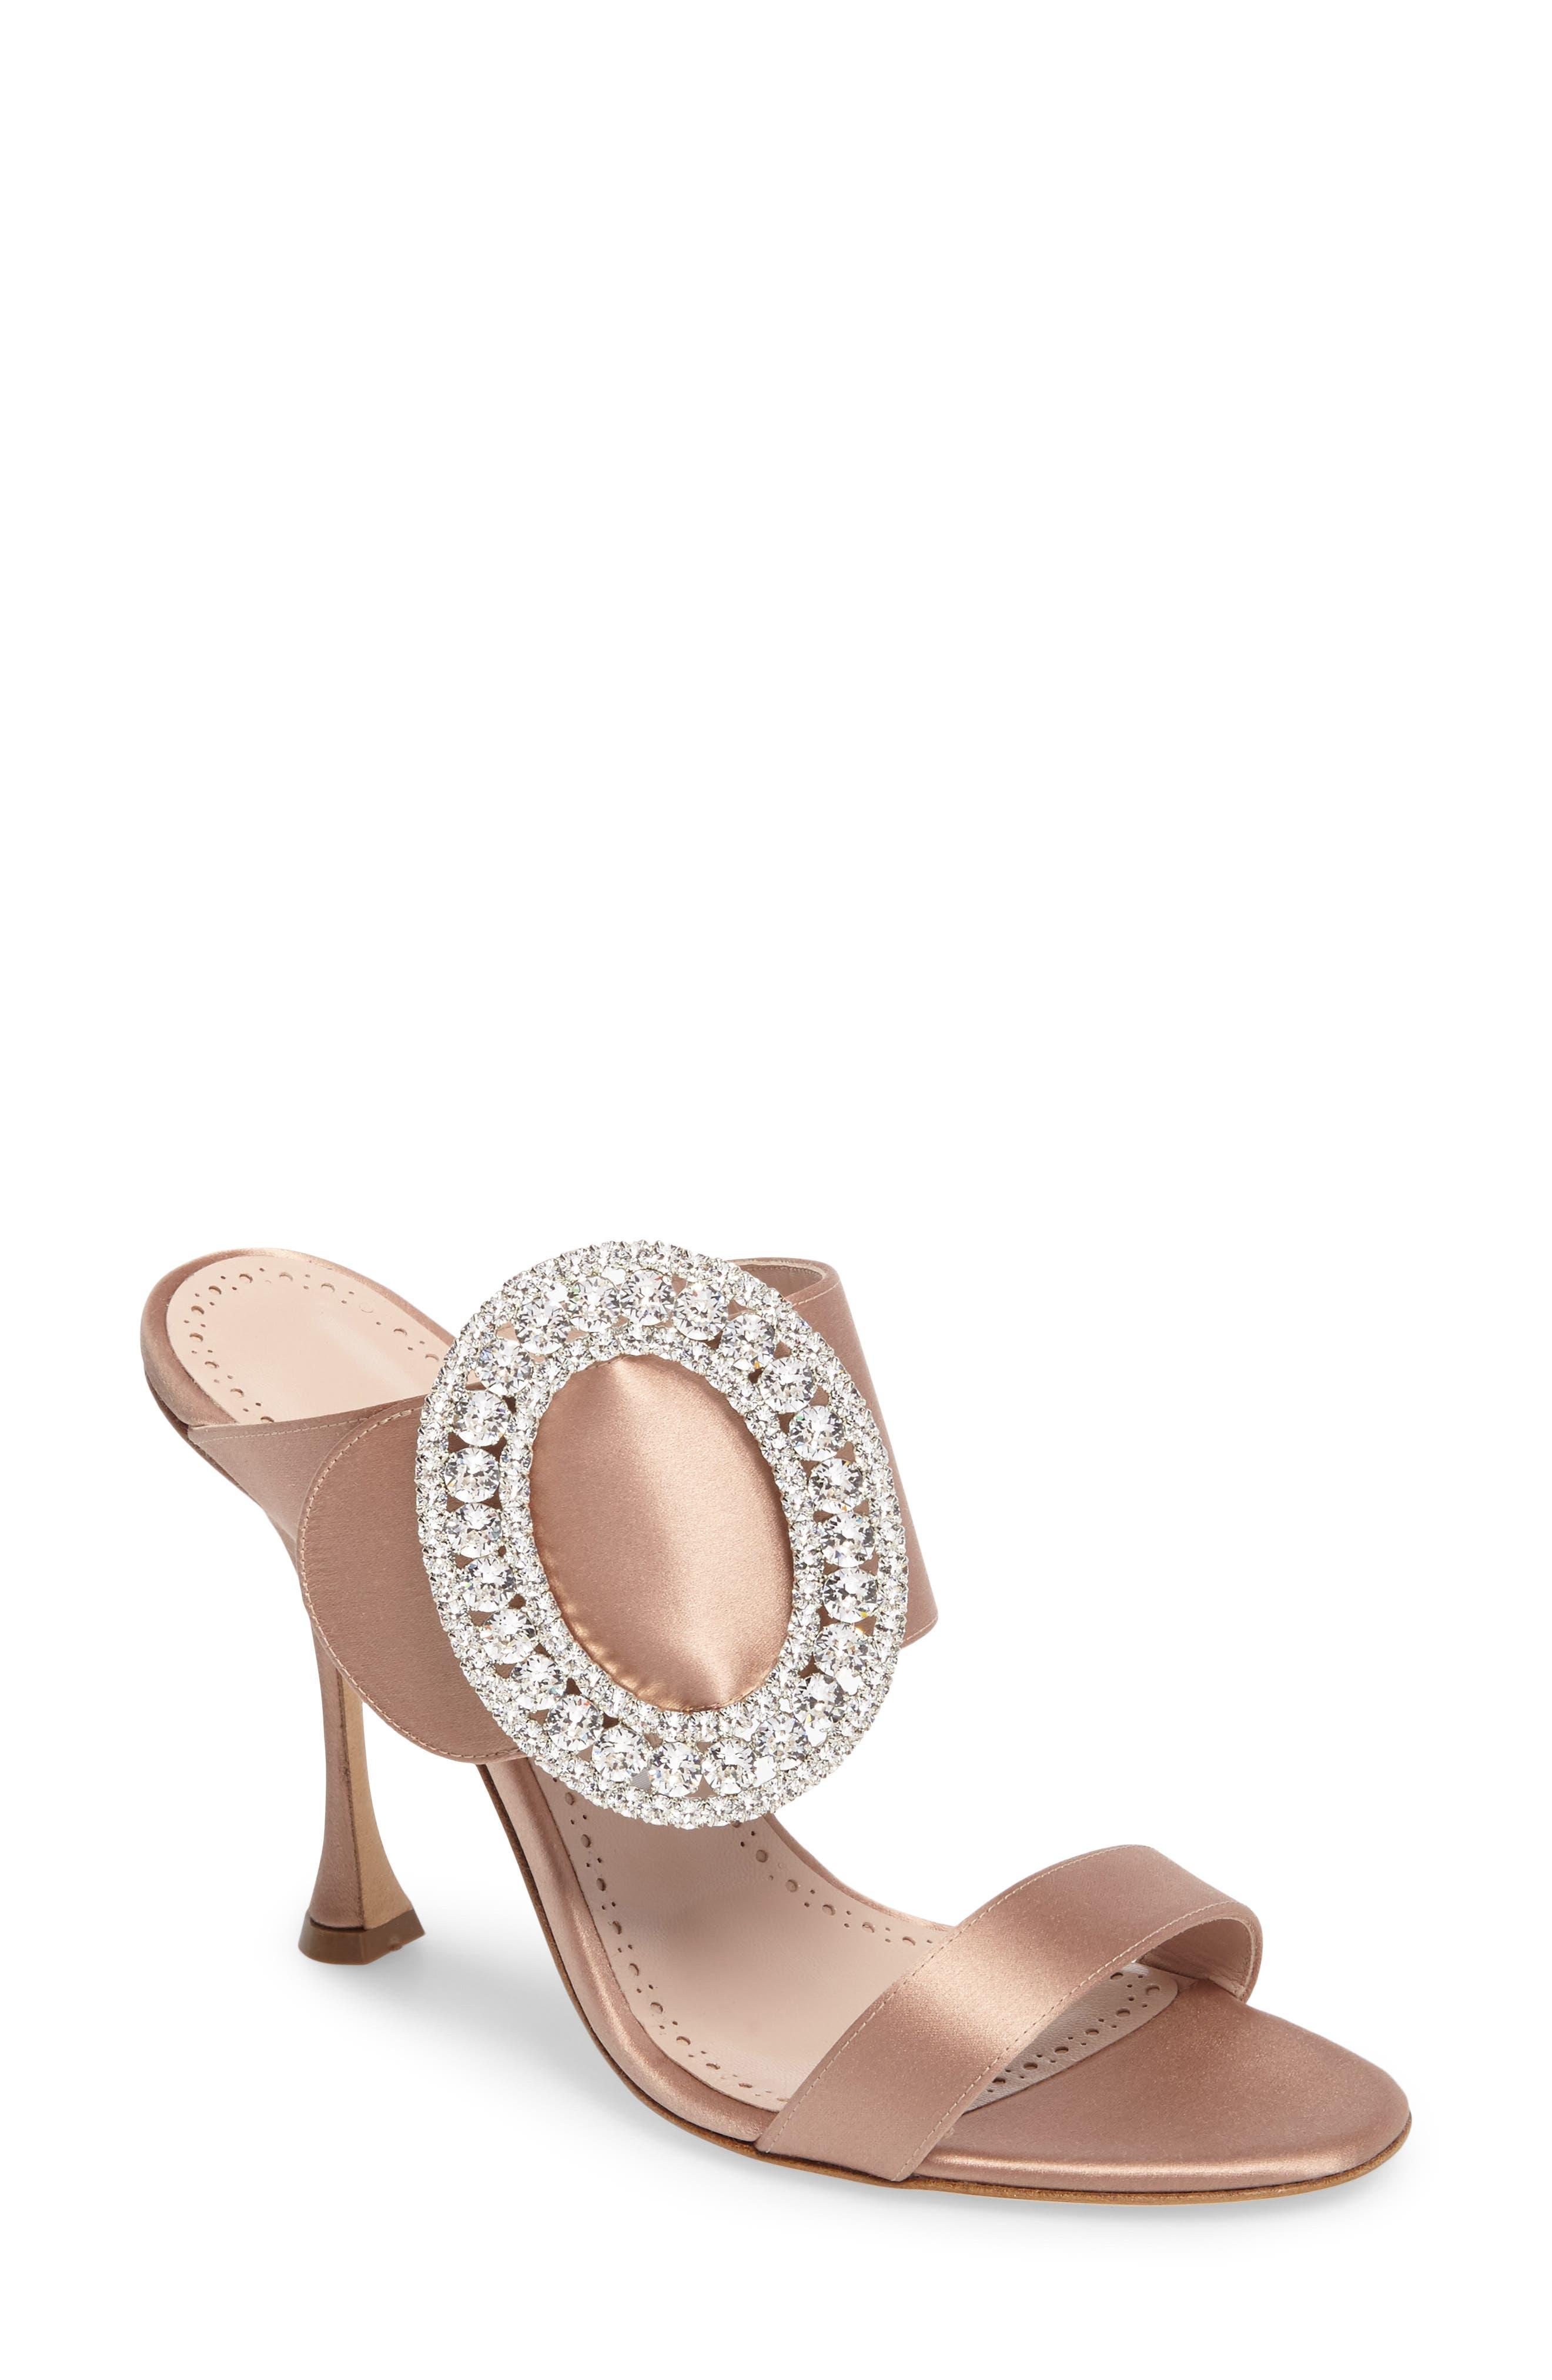 Manolo Blahnik Fibiona Crystal Embellished Mule (Women)